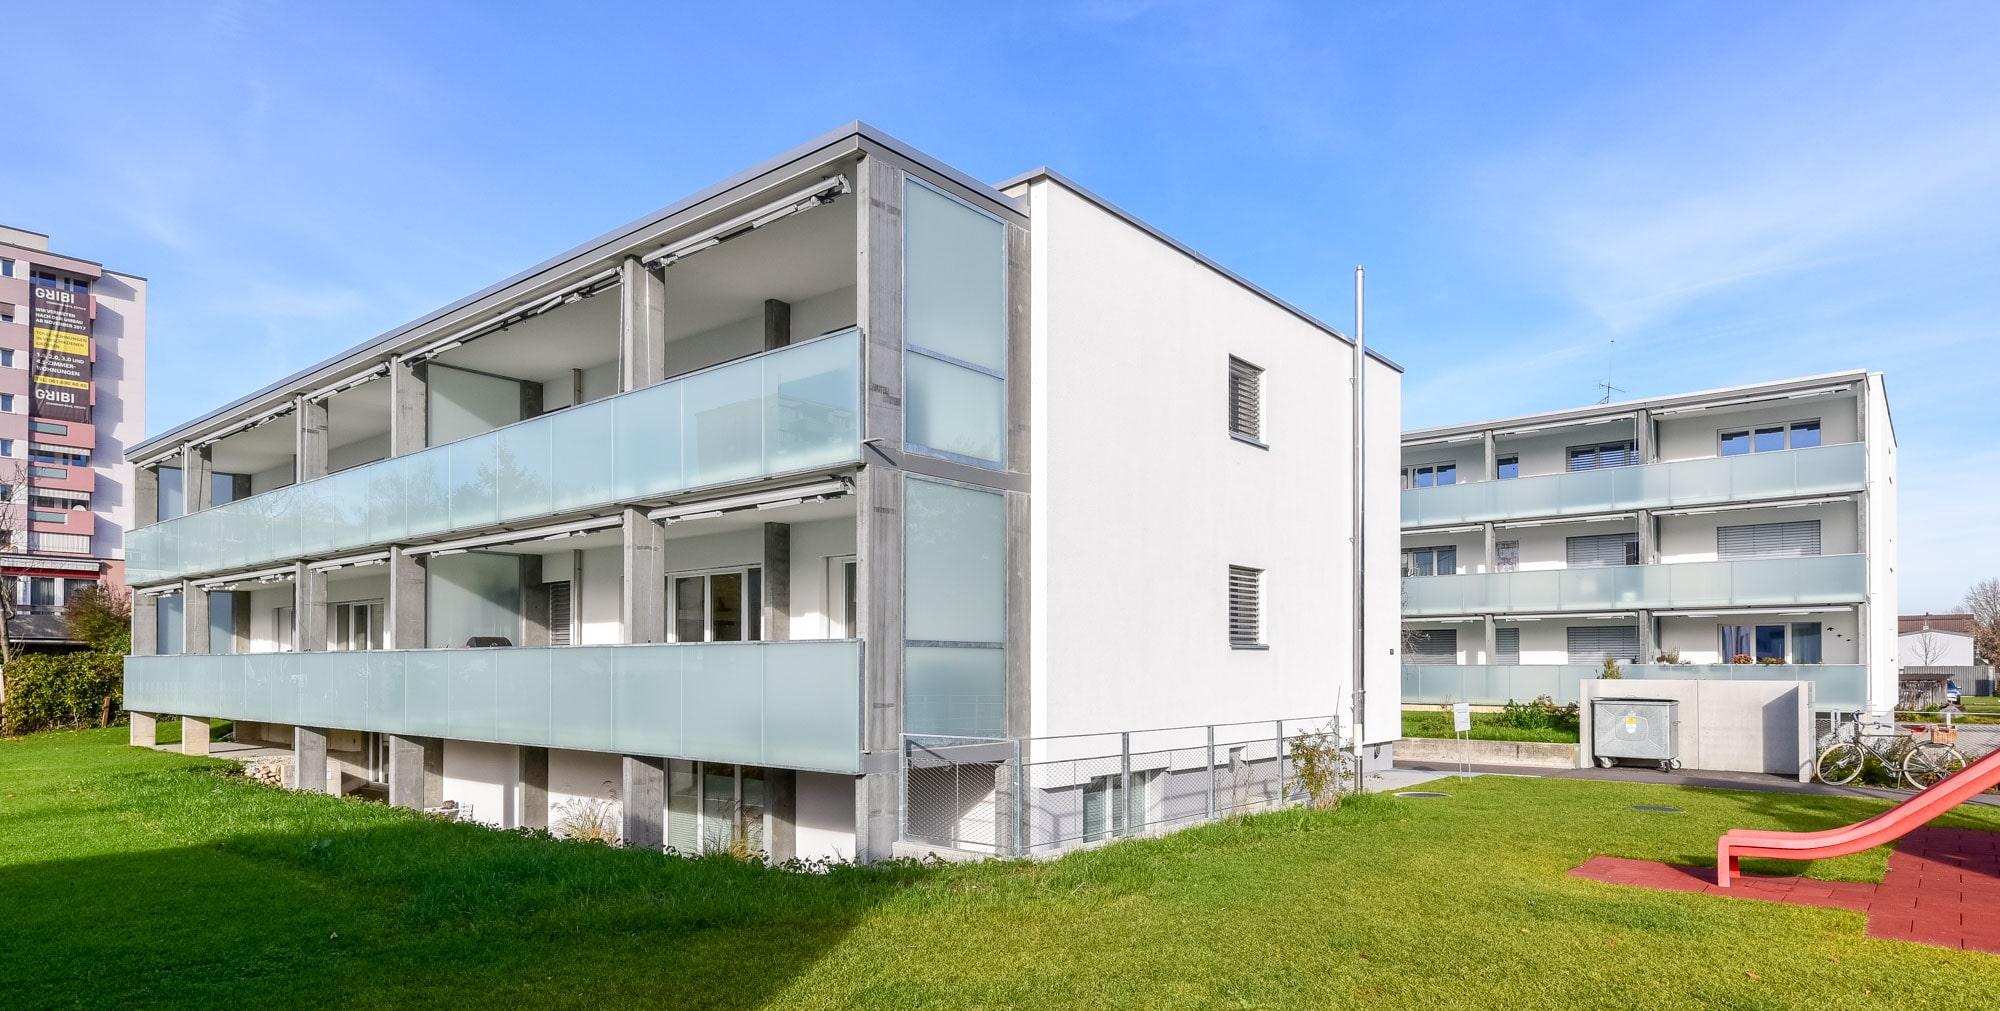 Metallbau Basel – Balkongeländer und Windfang